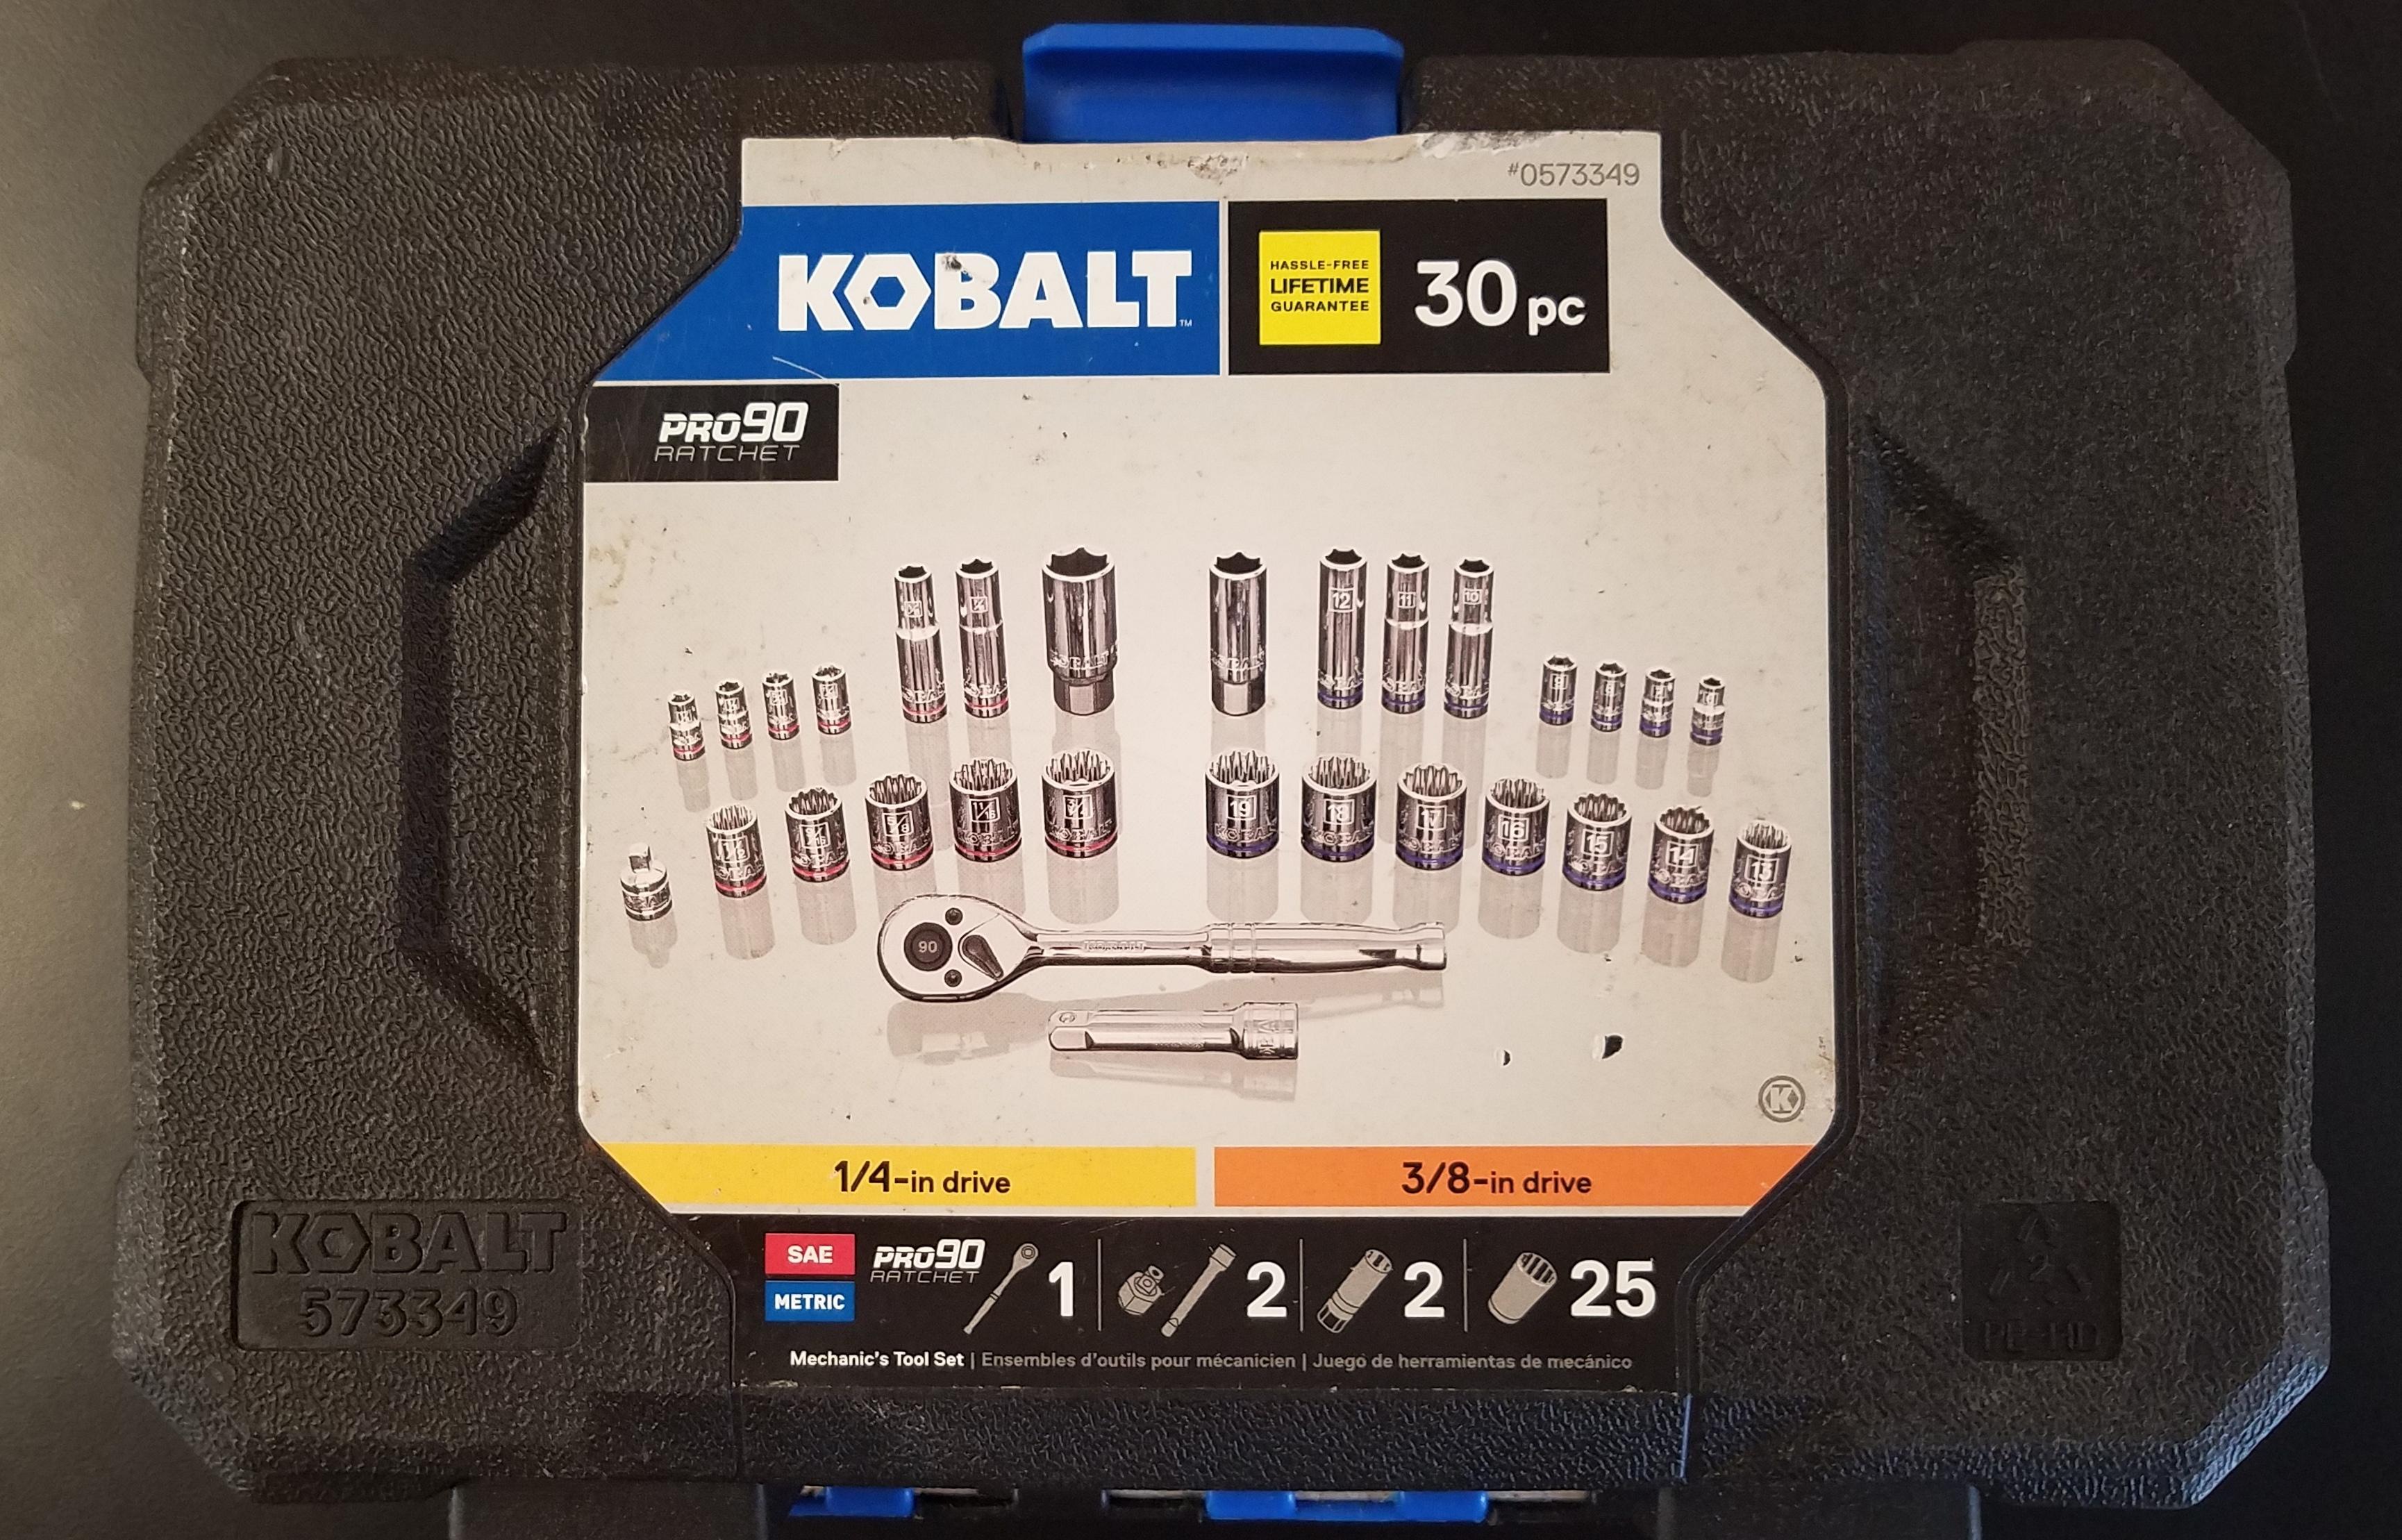 KOBALT 0573349  SOCKET TOOLS